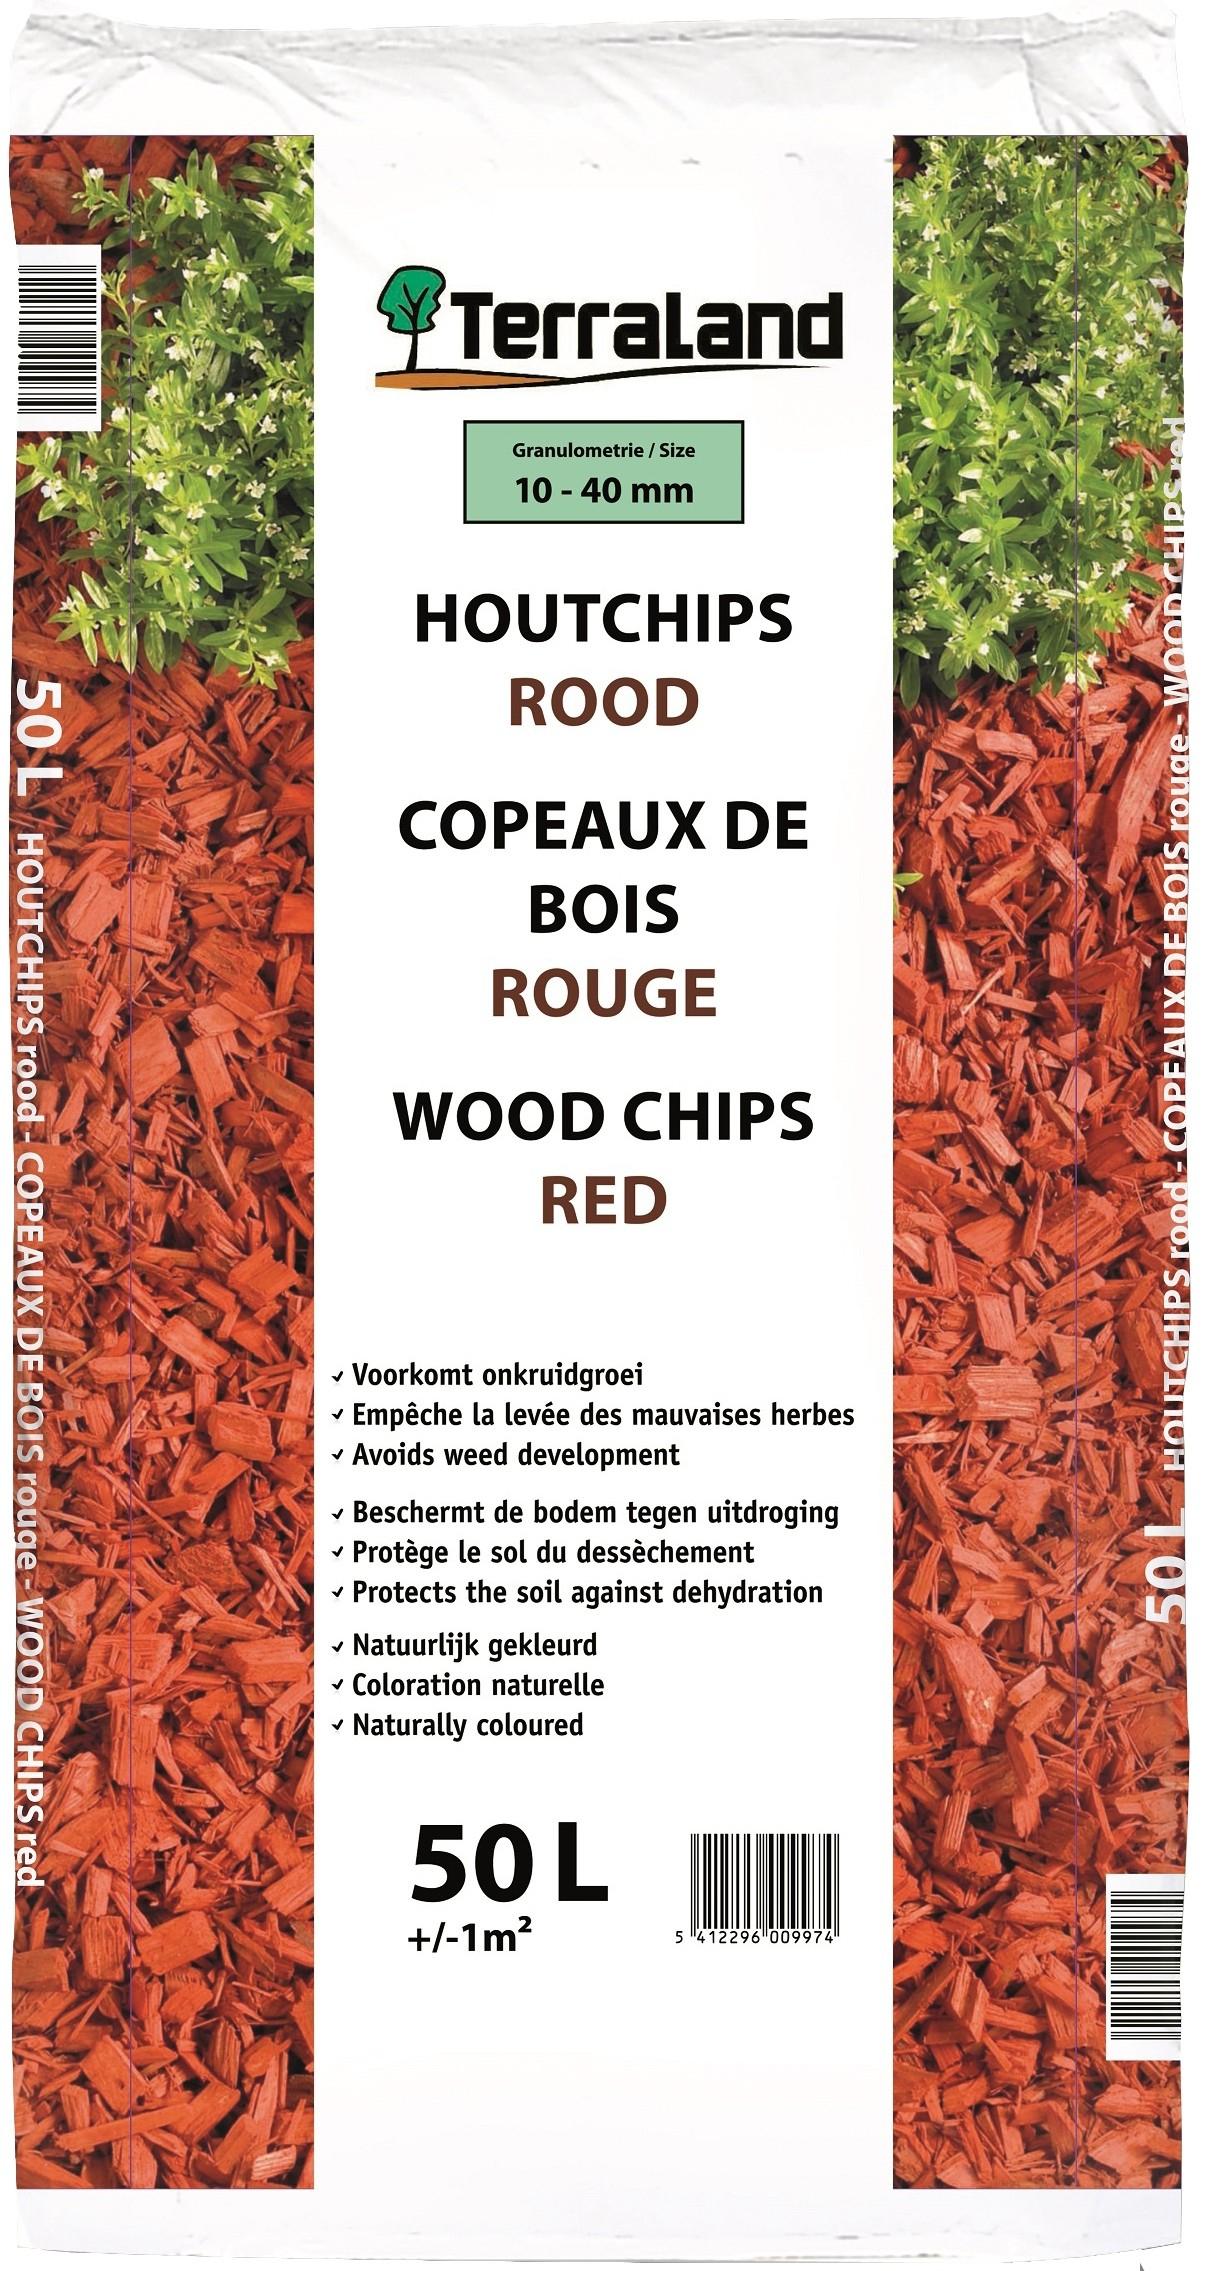 Copeaux De Bois Rouge 50 L Terraland - Mr.bricolage dedans Copeaux Bois Jardin